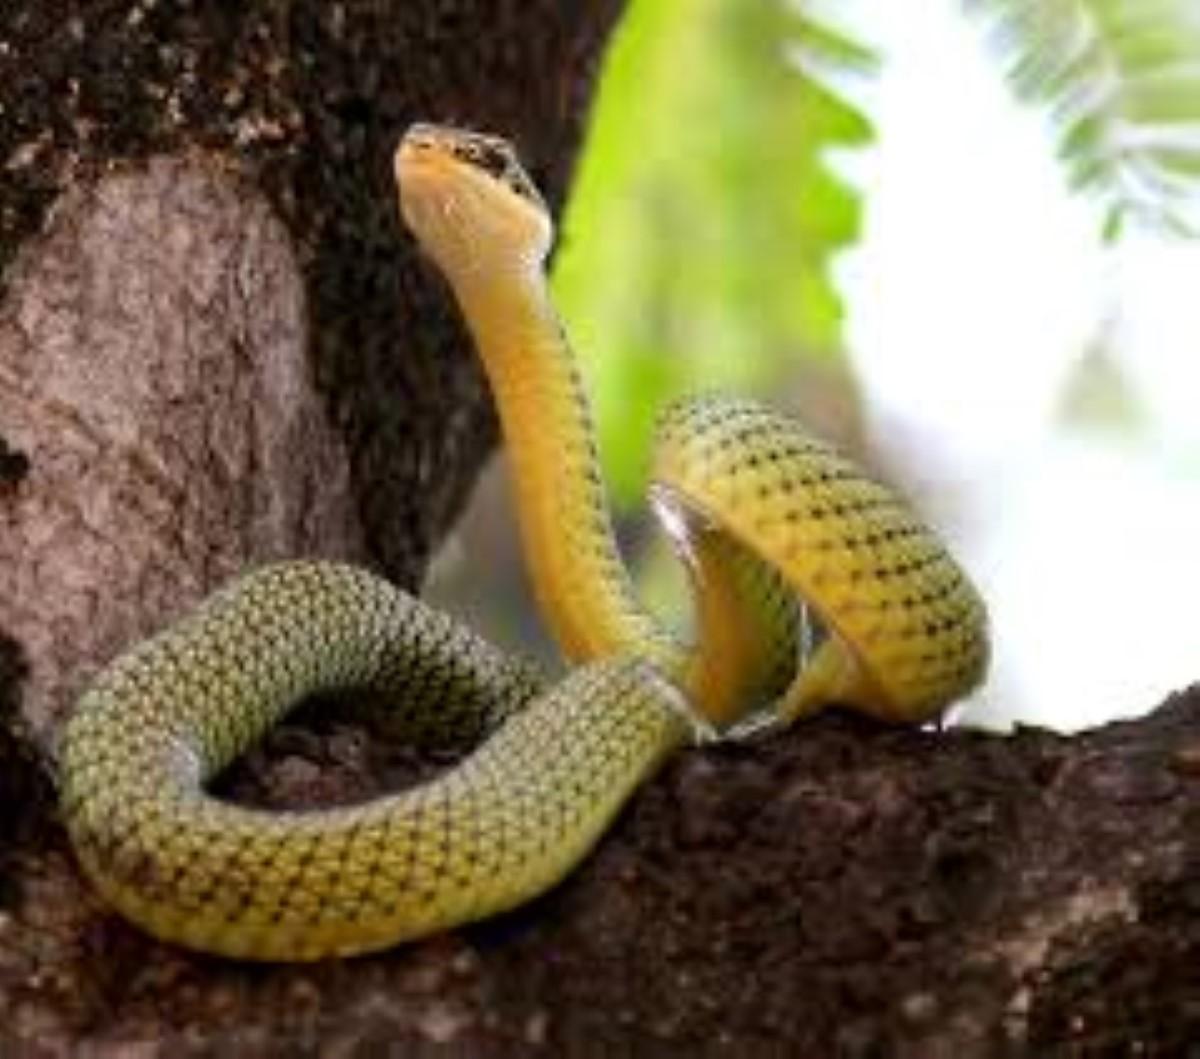 Un serpent se balade en liberté dans les rues de Quatre-Bornes